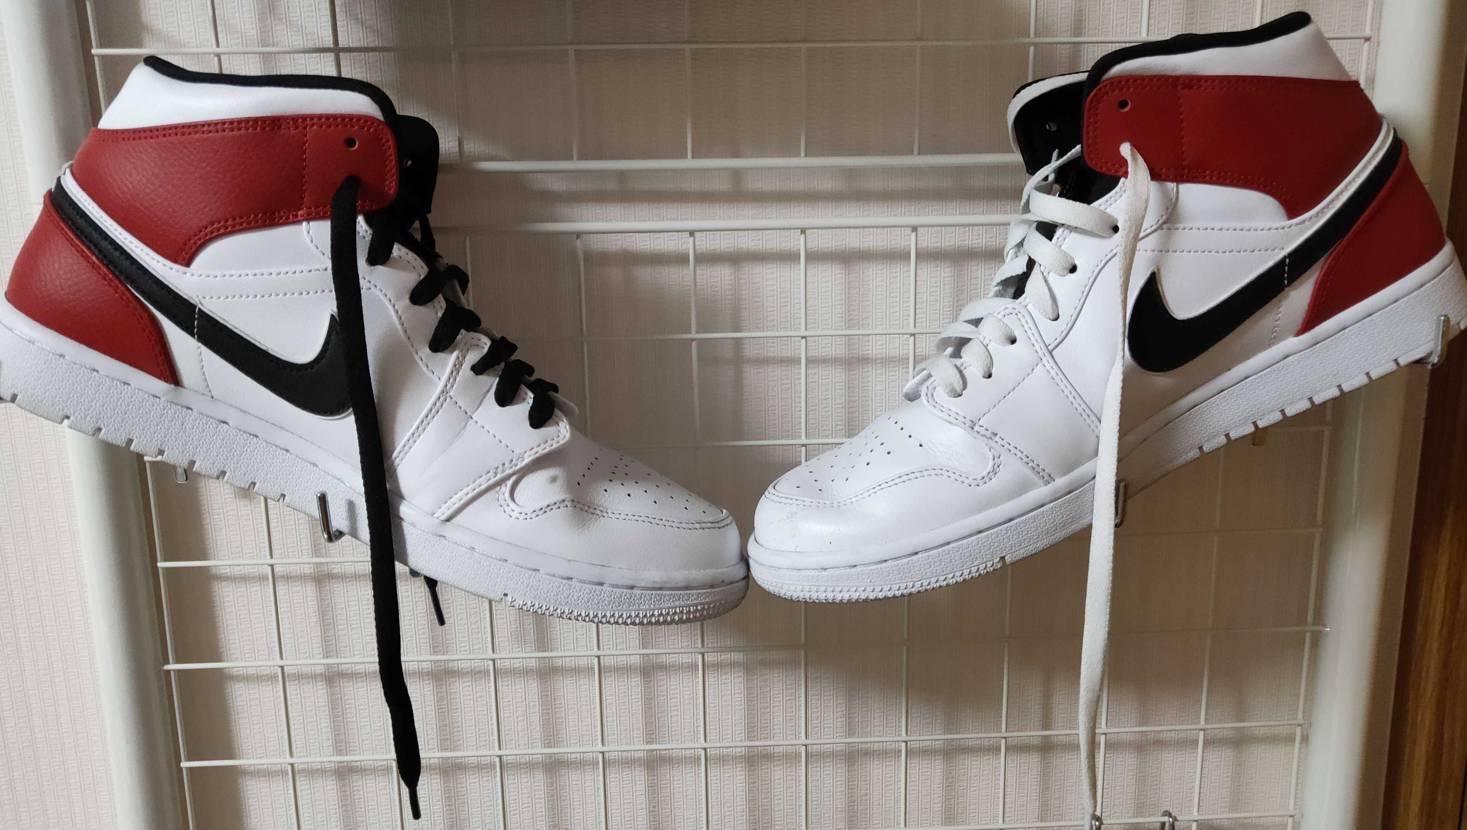 靴紐、左右で変えてみたけど、かなりいい!😊👍#nike #airjordan